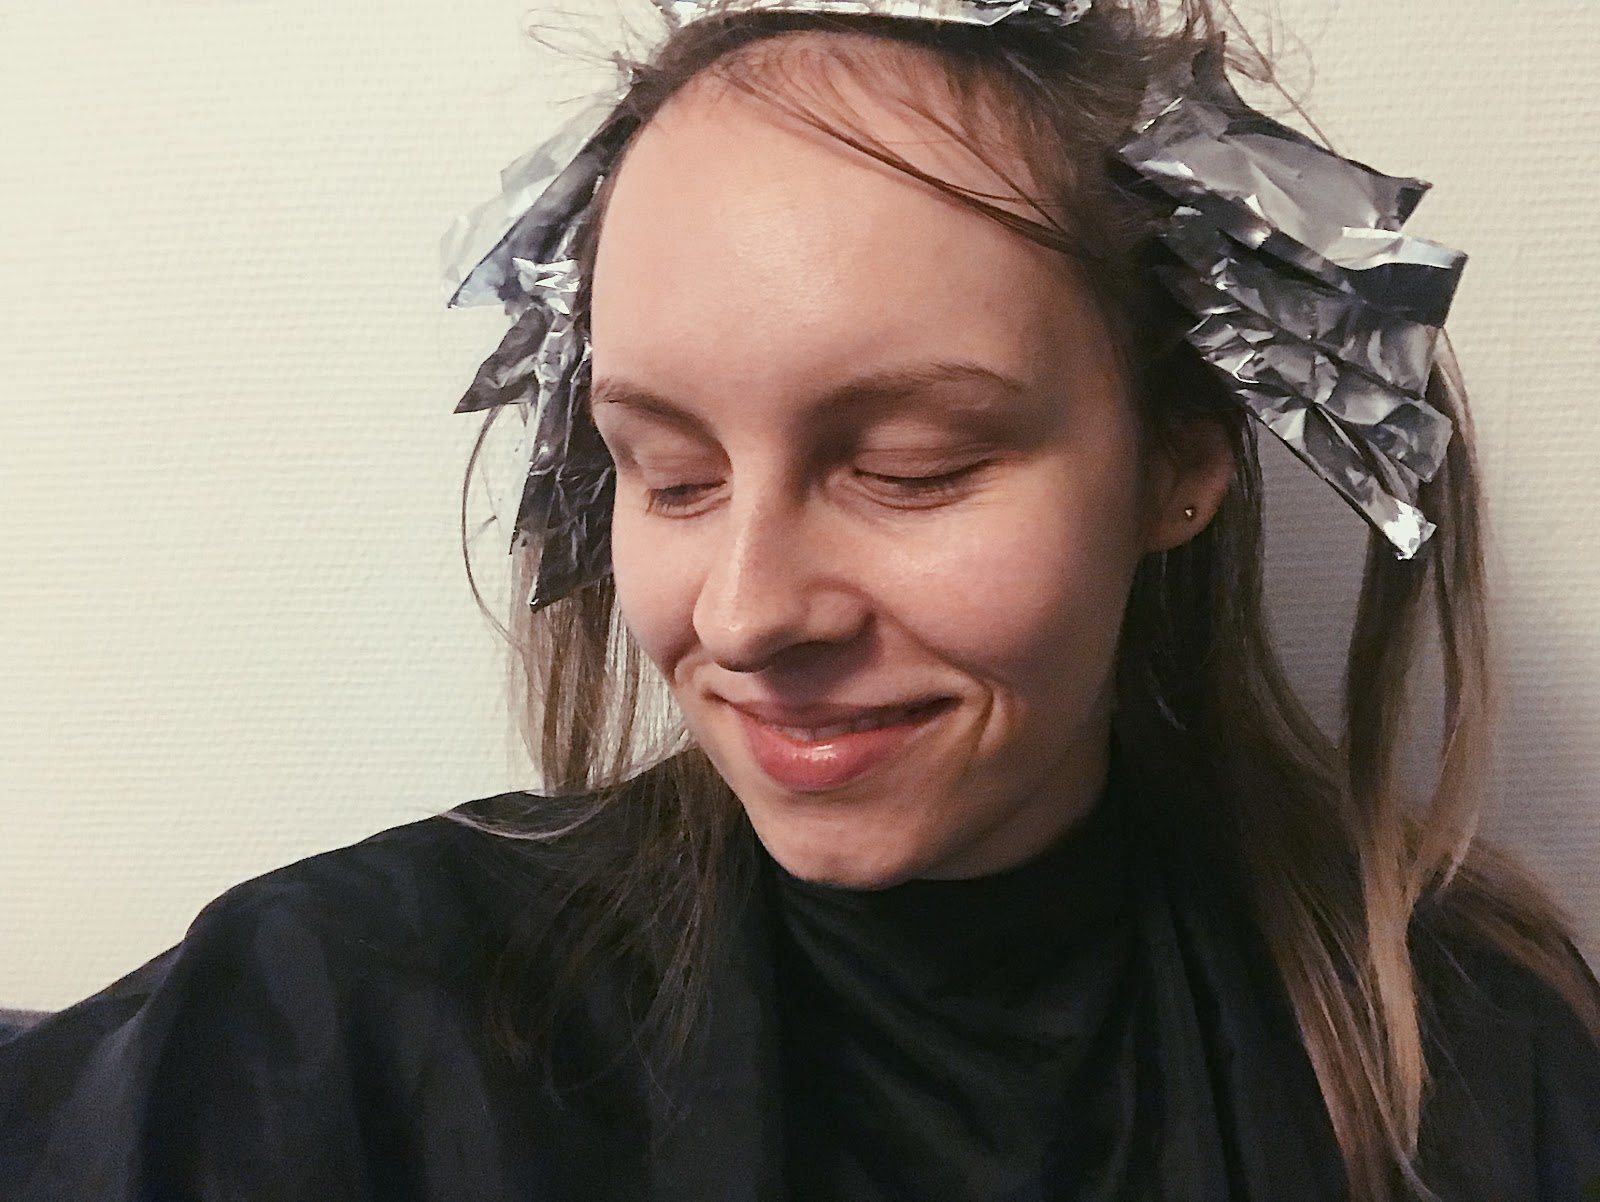 Mijn week in foto's 3 blond haar